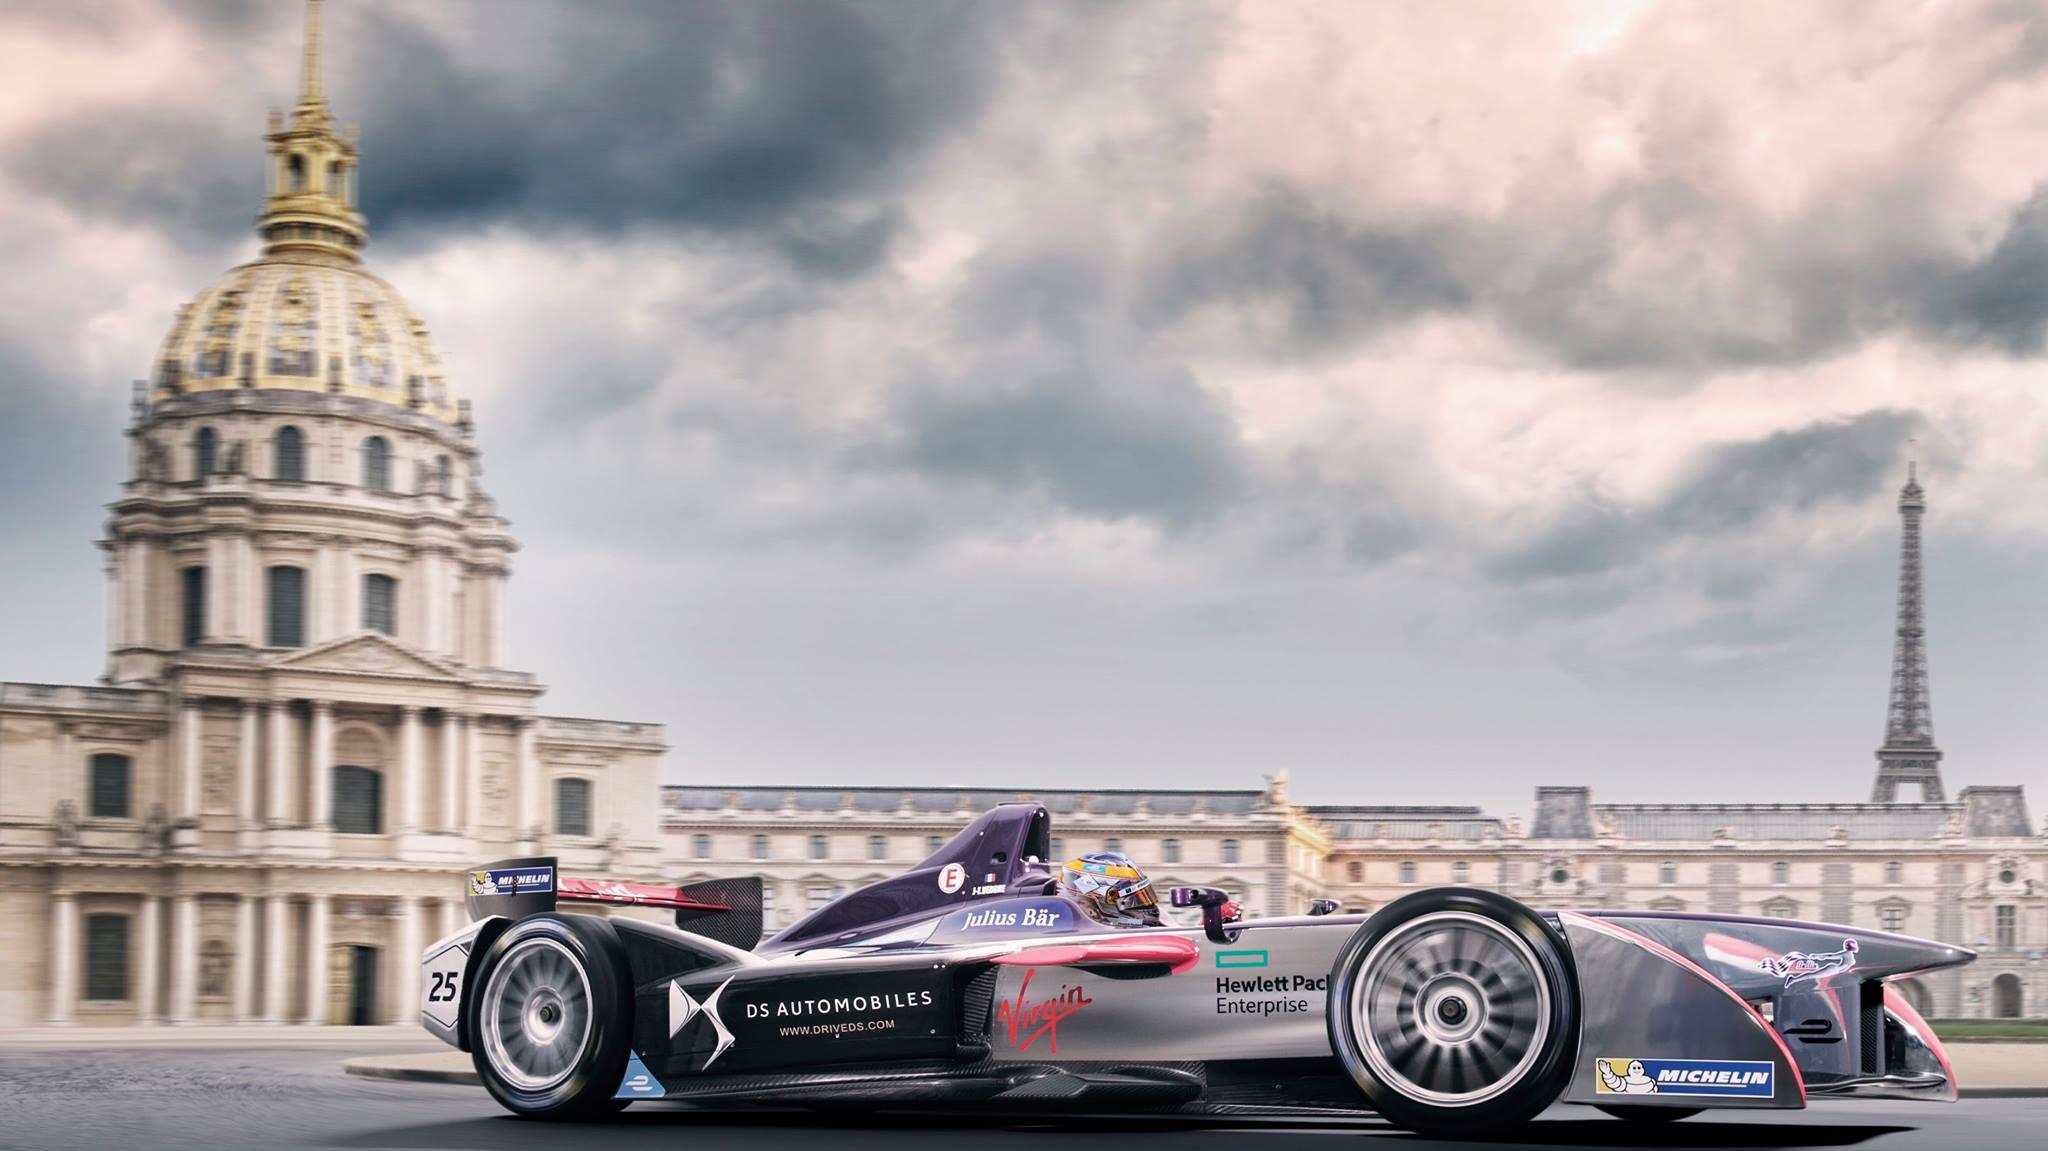 © DS Virgin Racing Formula E Team - Le dôme des Invalides et la Tour Eiffel feront office d'un décor majestueux ce samedi pour l'ePrix de Paris !